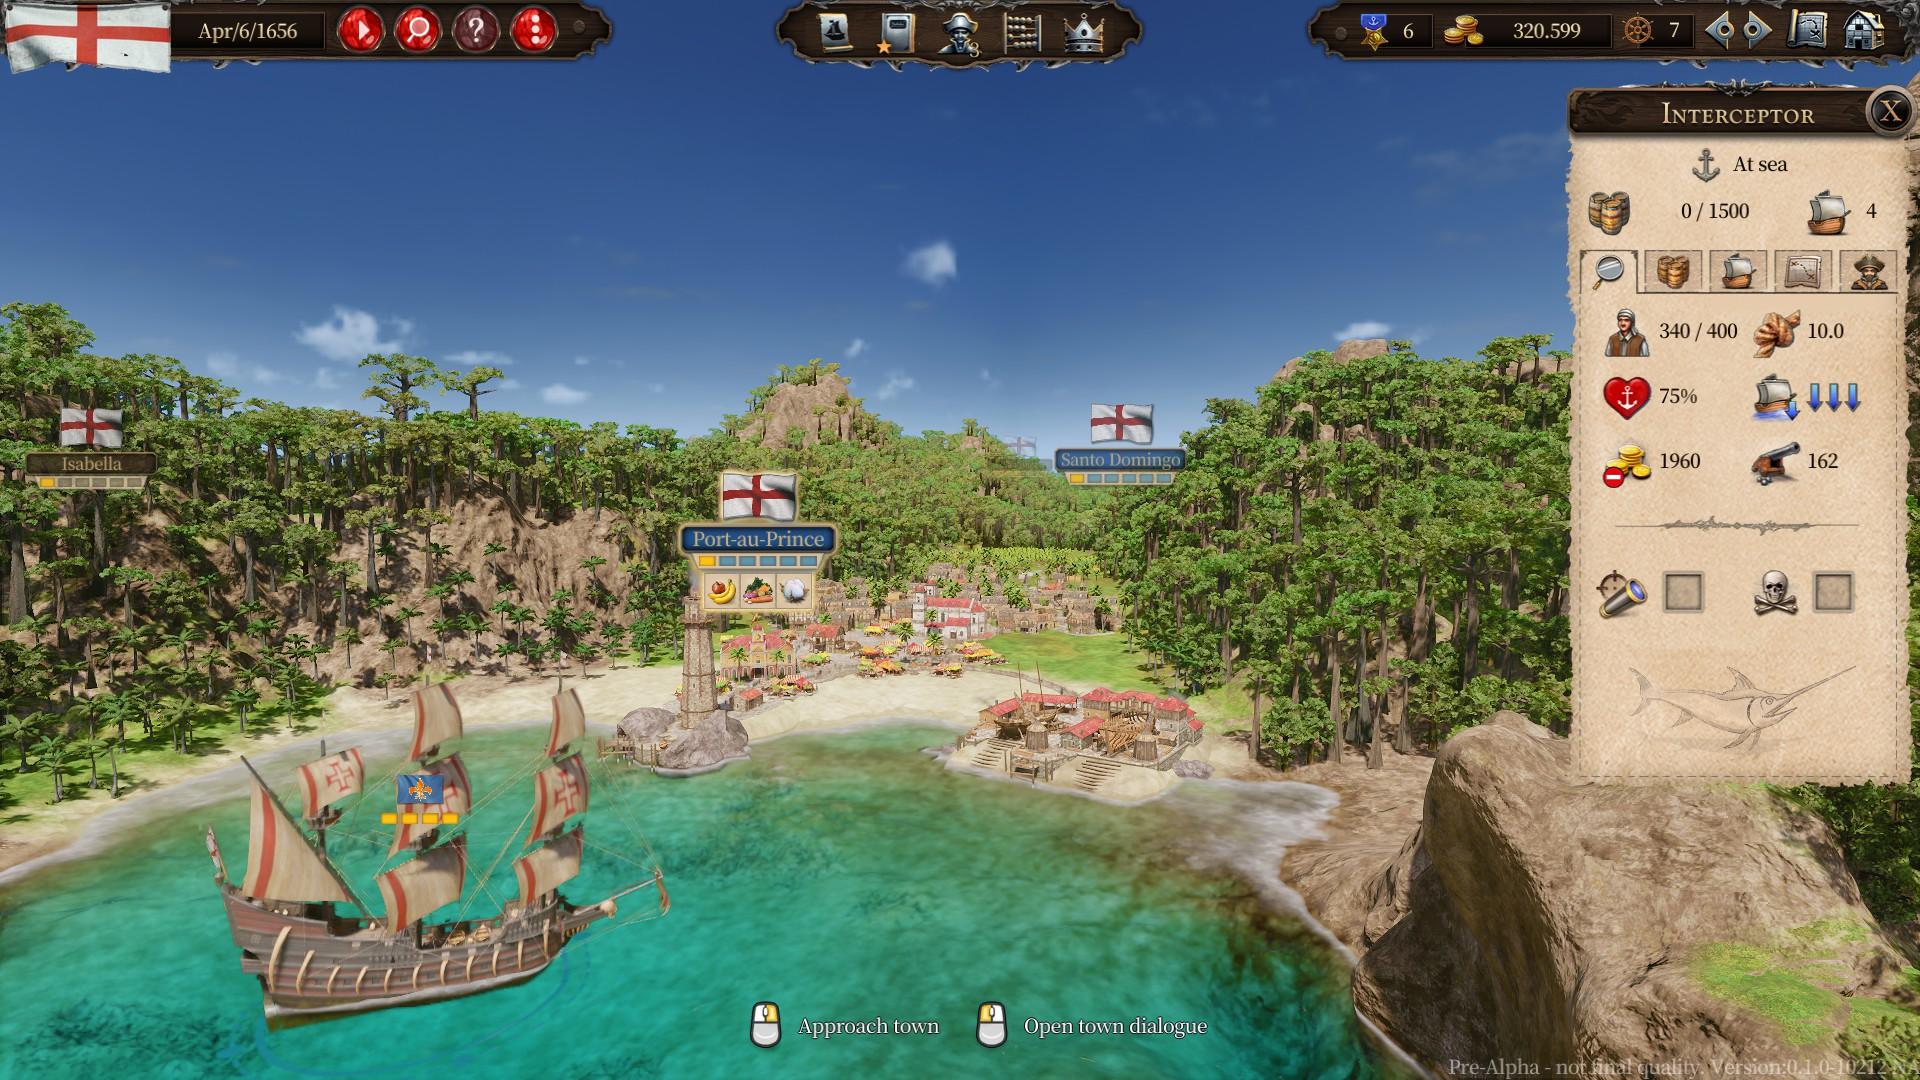 """Game-Screenshot aus der Handelssimulation """"Port Royale 4"""" vor einem karibischen Hafen, rechts ist das Spielmenü zu sehen."""